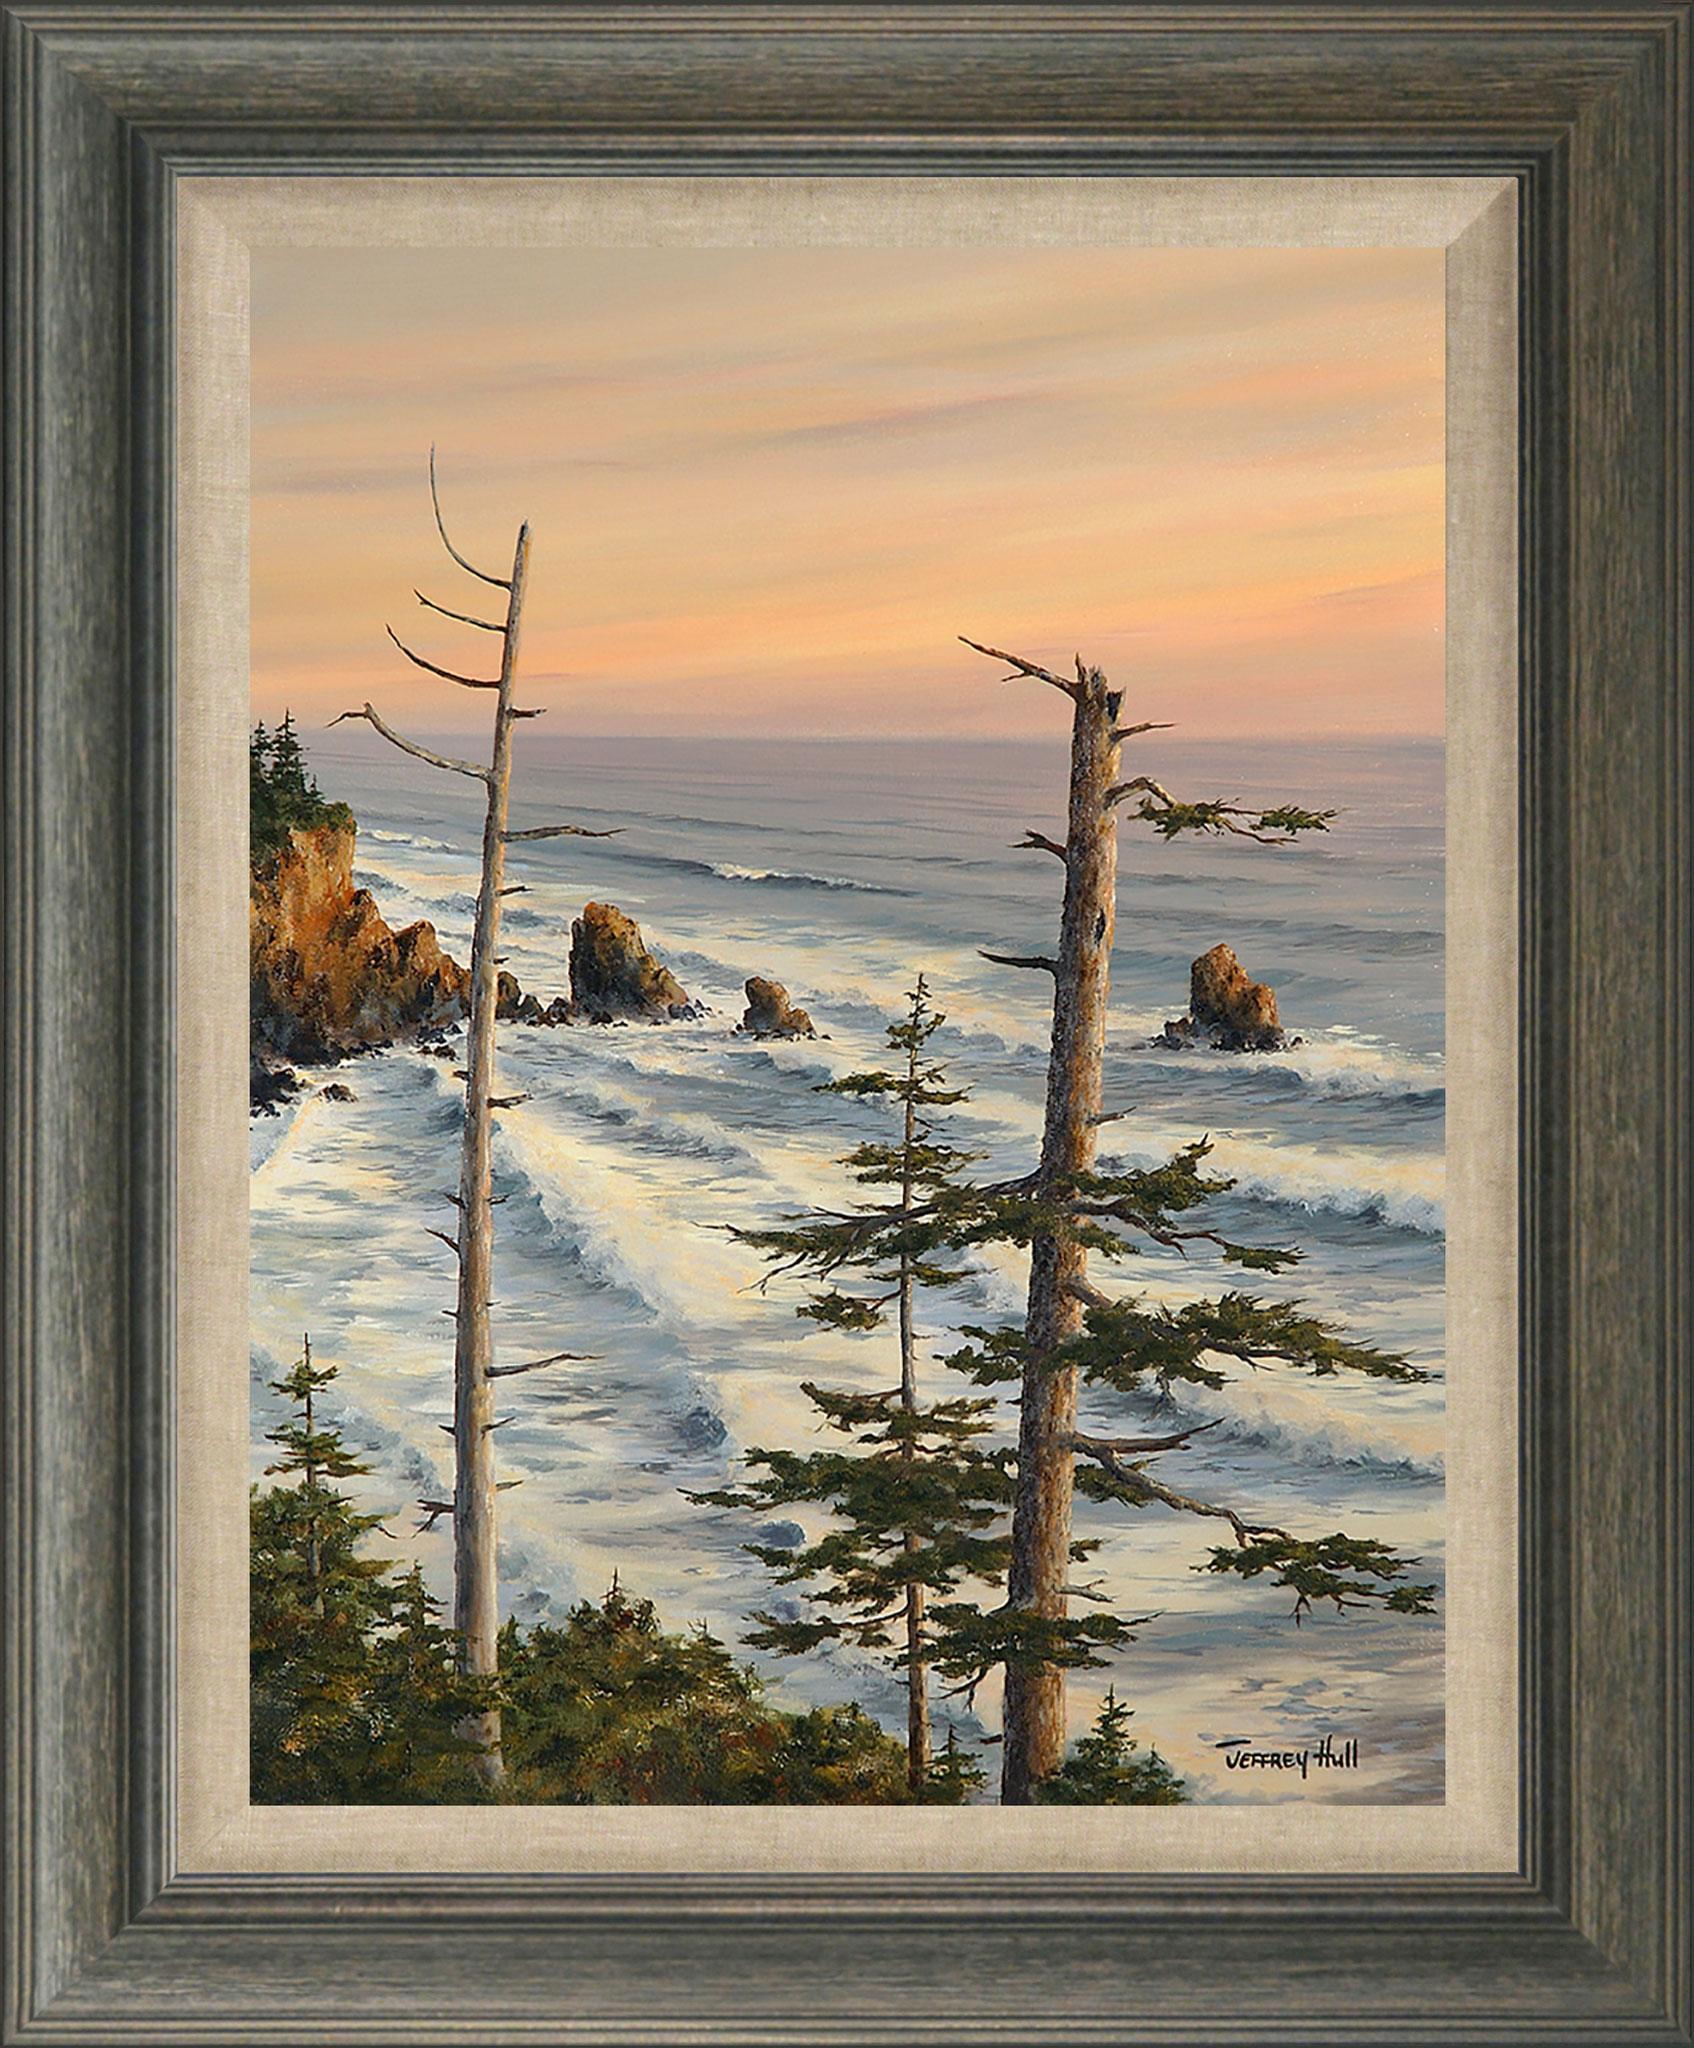 Sunset-Cliffs-OpenEd-Cascade-Natural-Liner-4-Website-2021